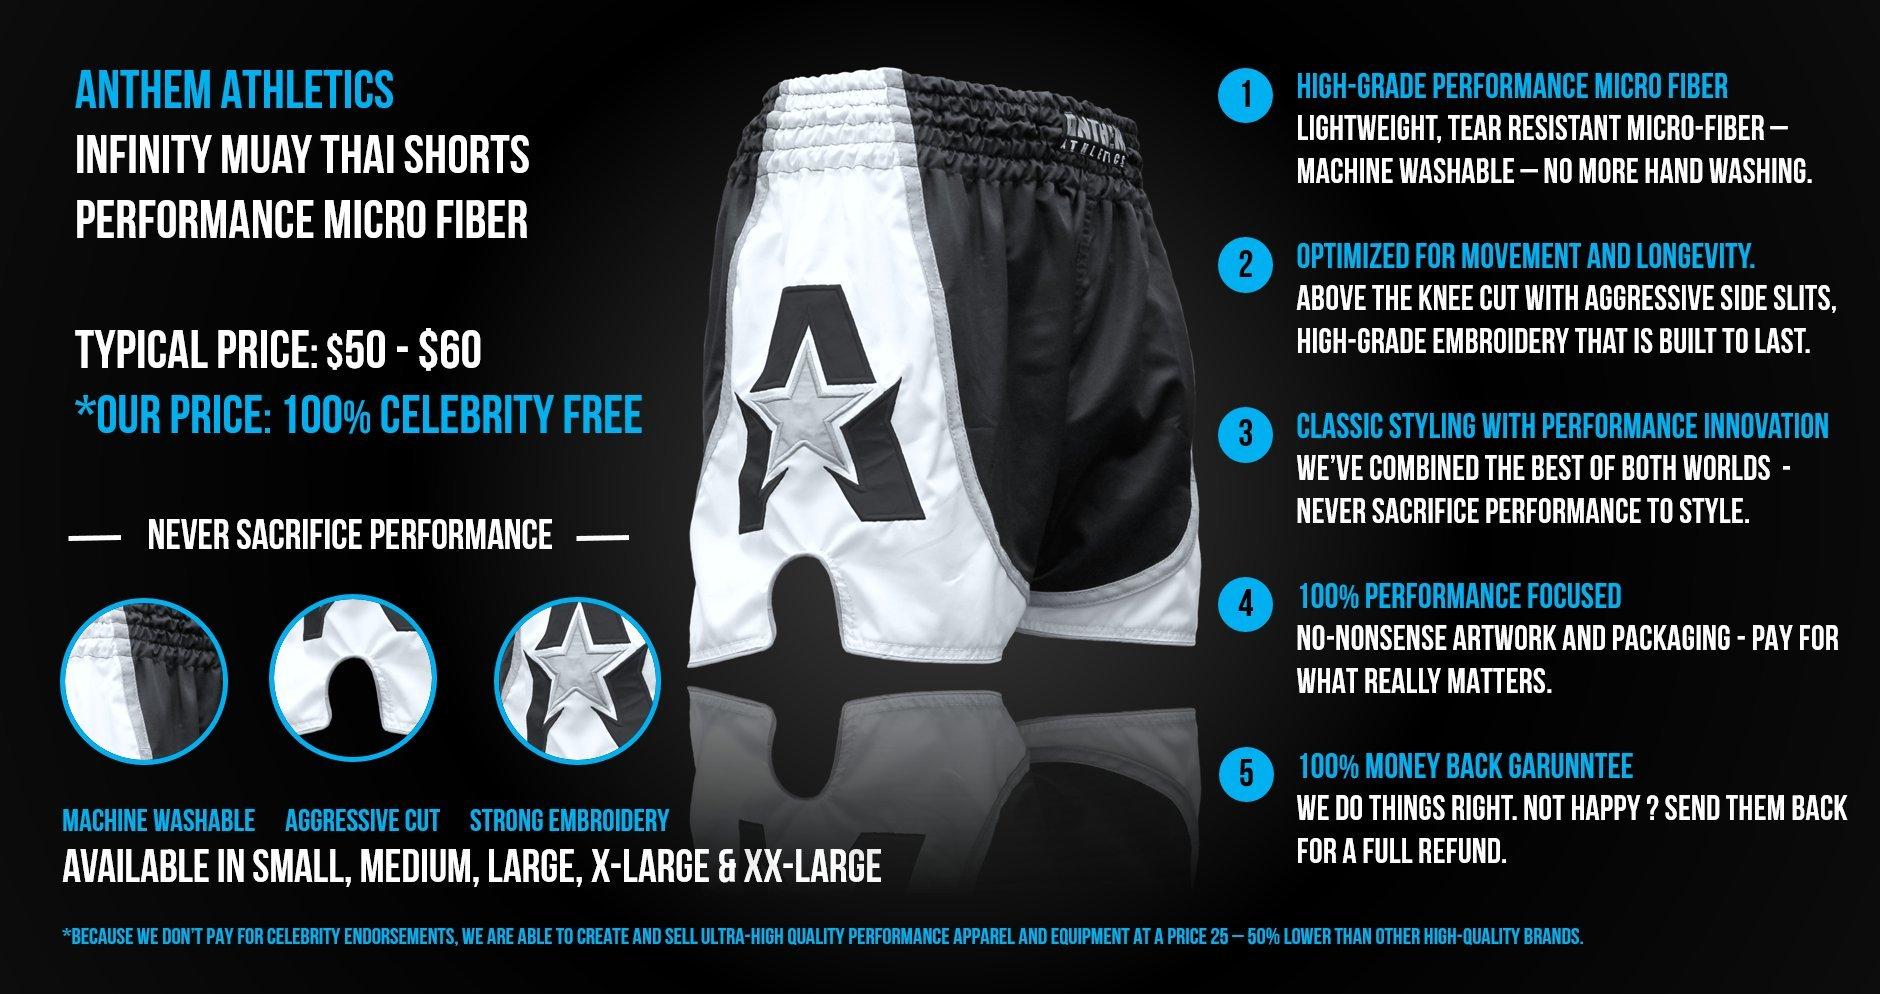 Anthem Athletics INFINITY Muay Thai Shorts